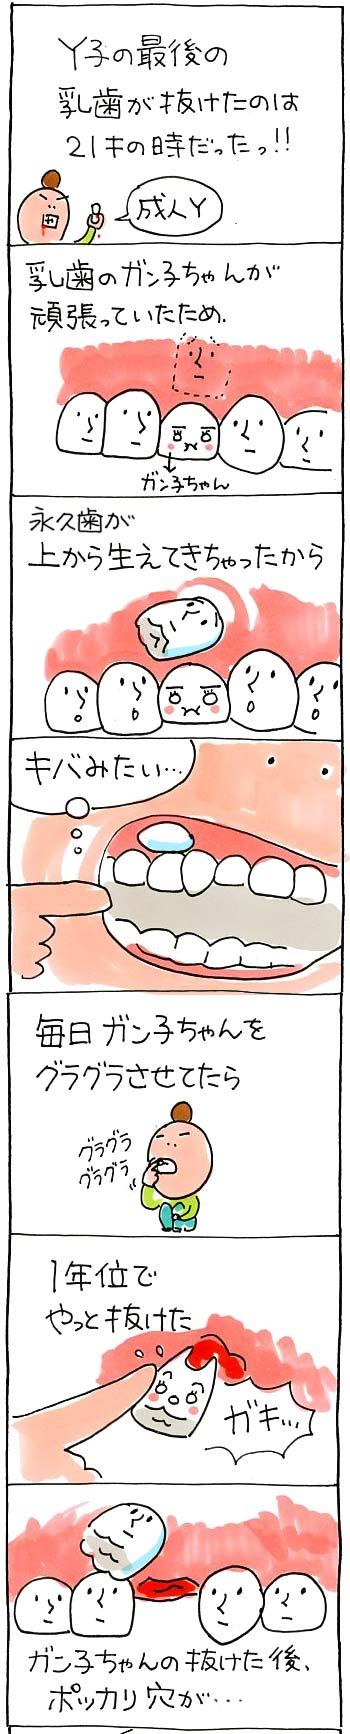 歯の話01